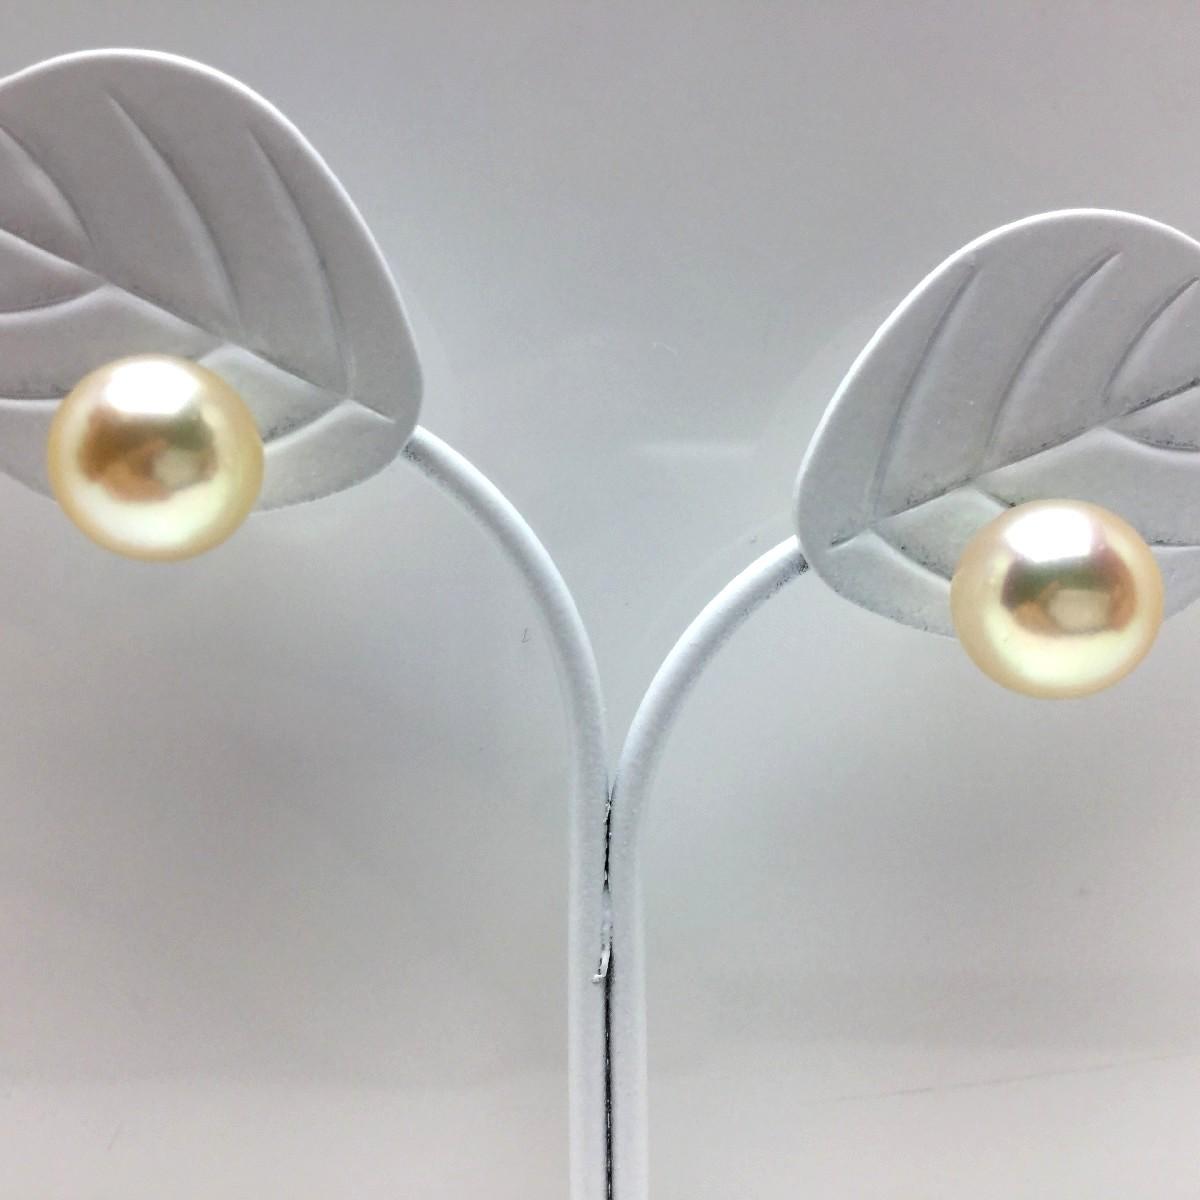 【10%OFF】真珠 ピアス パール アコヤ真珠 スタッド 8.4mm シャンパンゴールド K18 イエローゴールド 65498 イソワパール